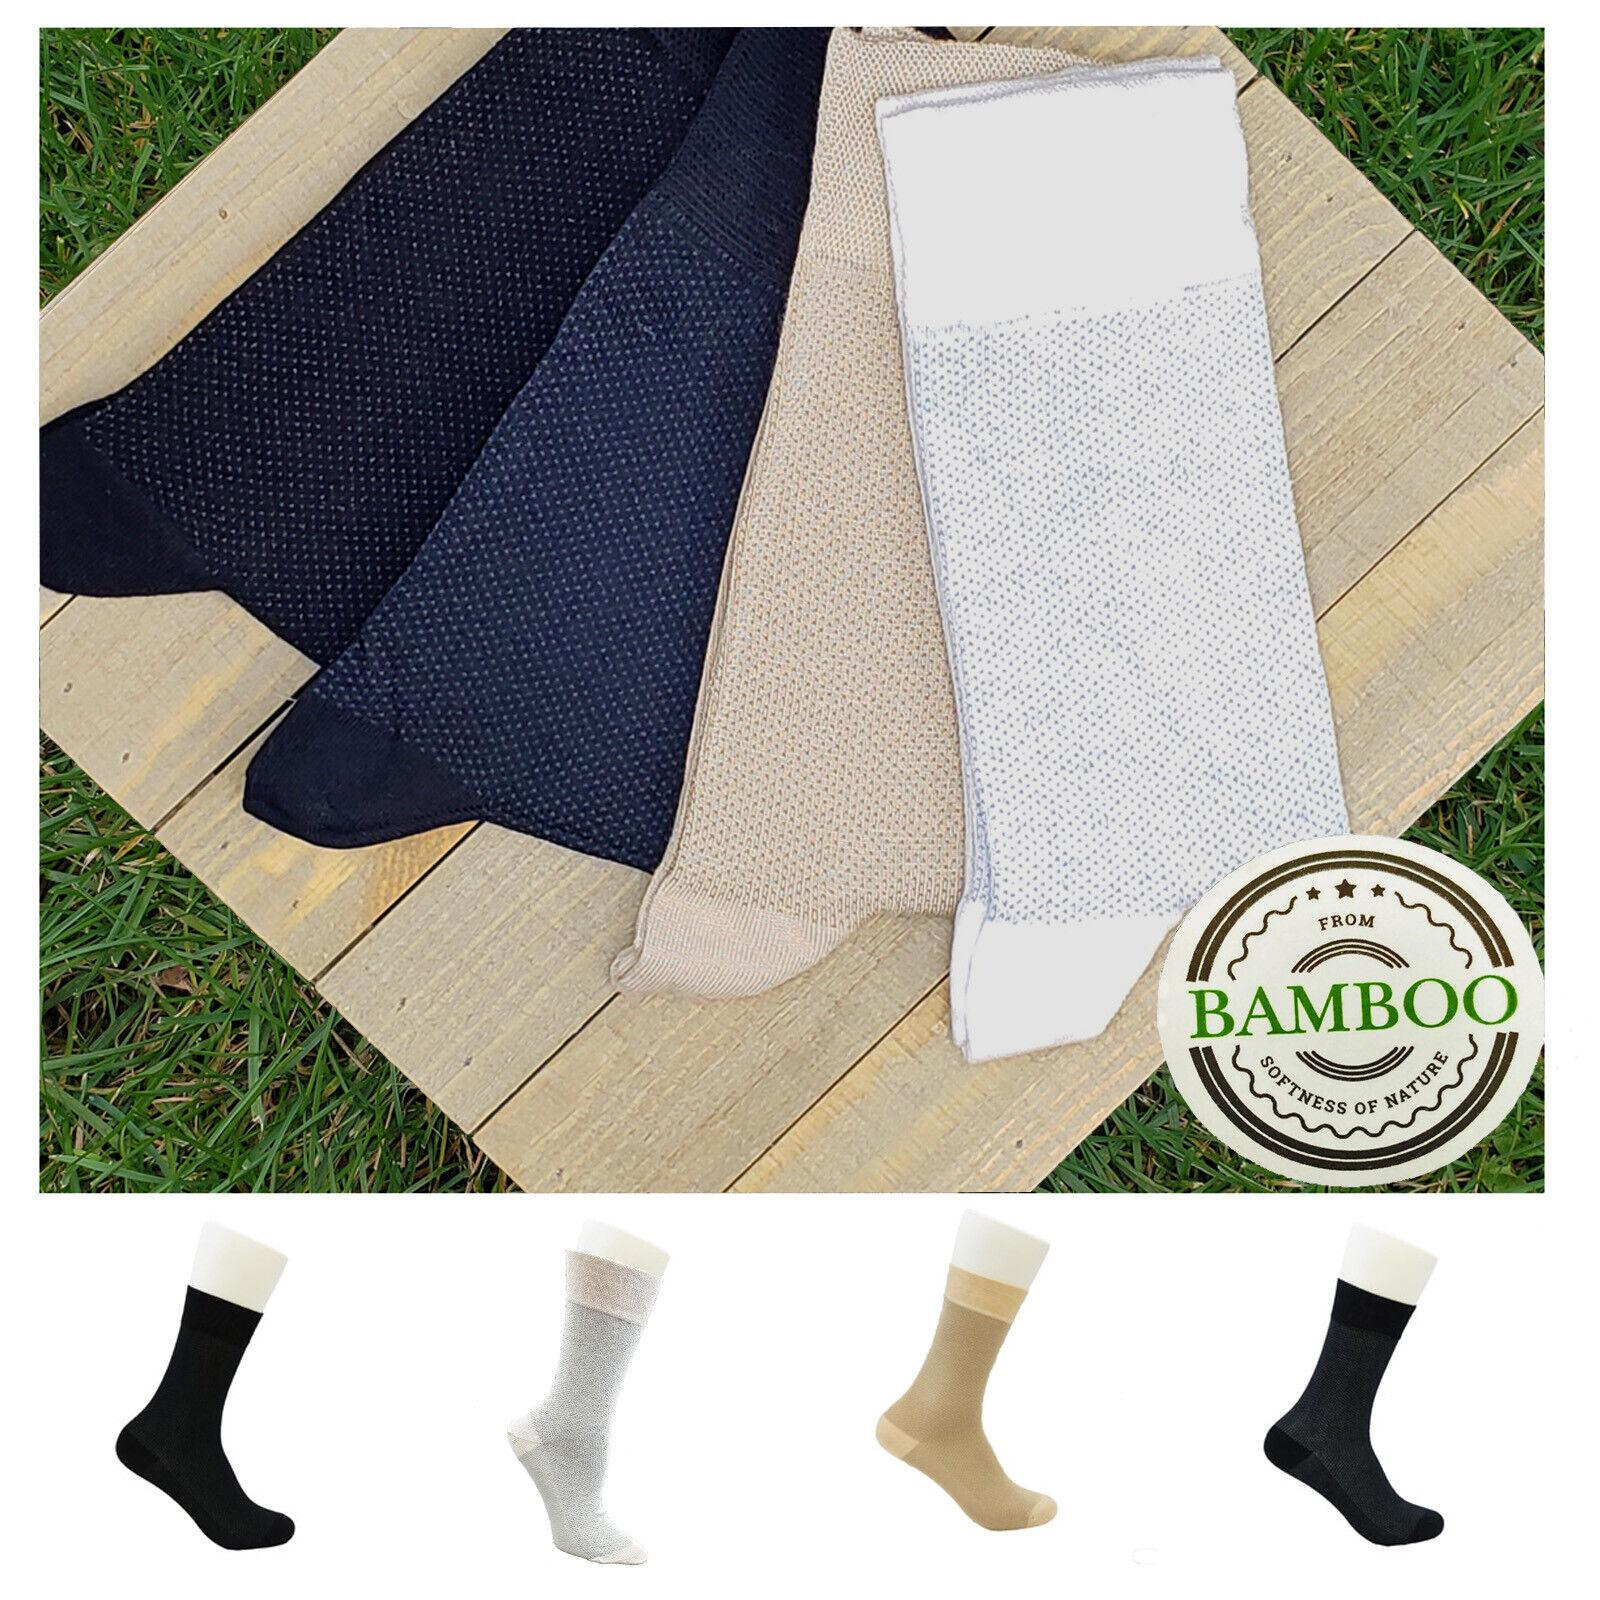 Pique BAMBOO SOCKS for MEN & WOMEN - Soft - Seamless - Antib